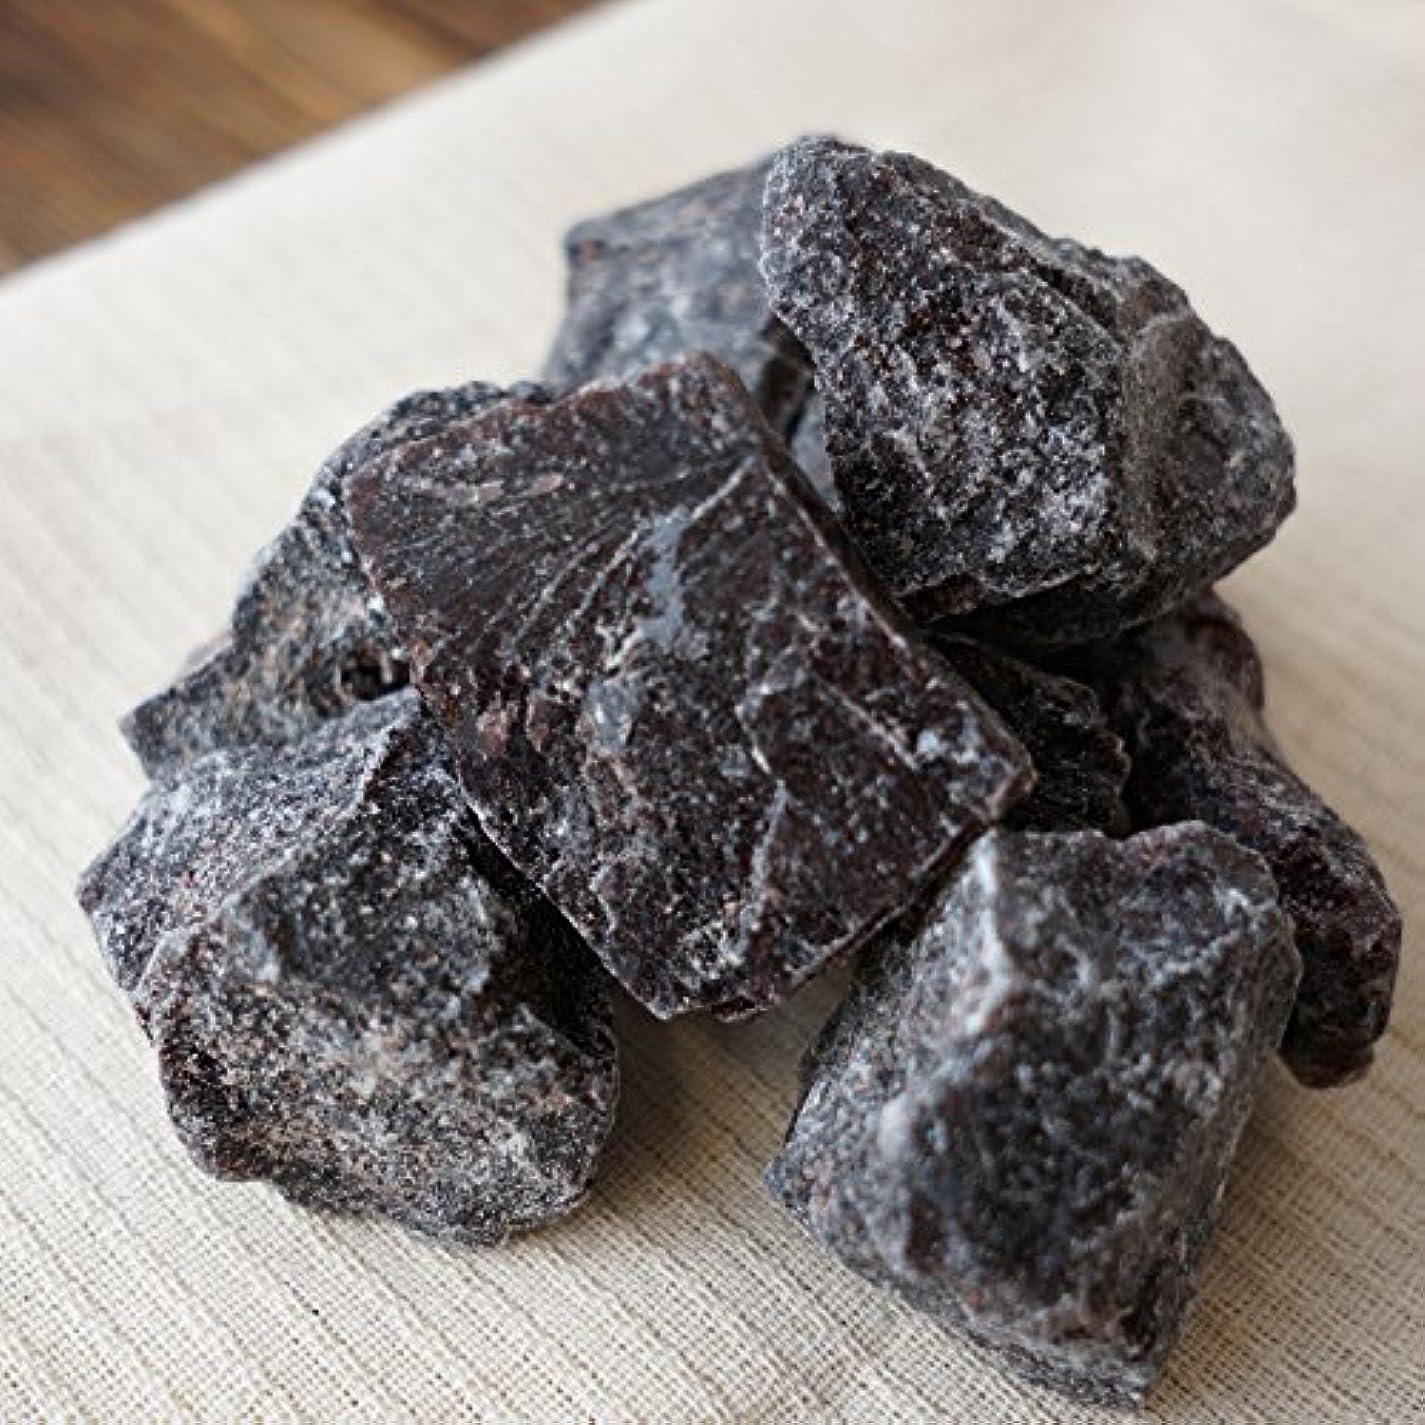 ラビリンスキモい有益希少 インド岩塩 ルビー ブロック 約2-5cm 10kg 10,000g 原料